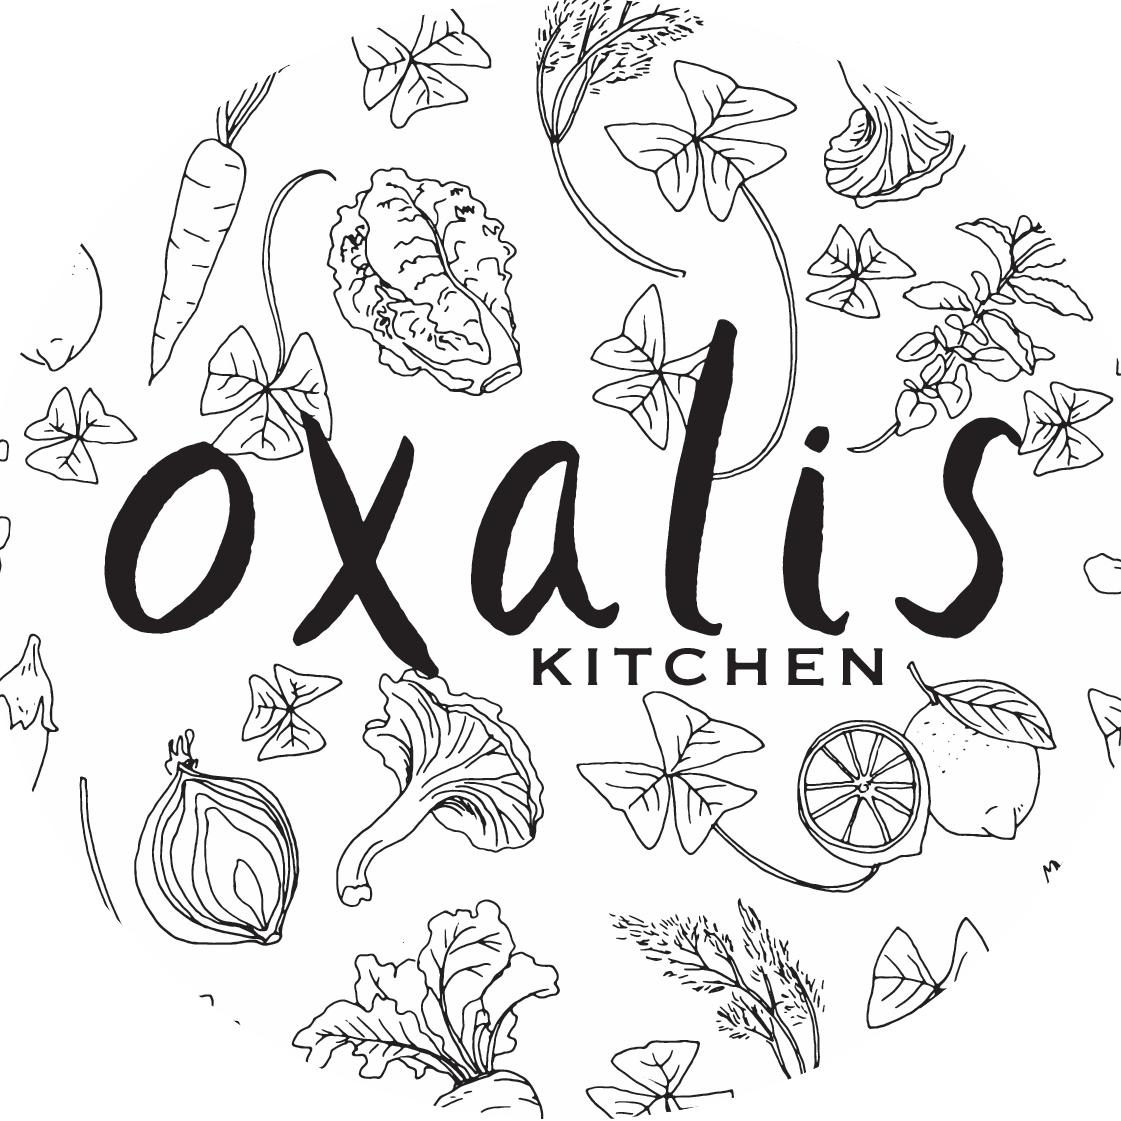 Oxalis Kitchen